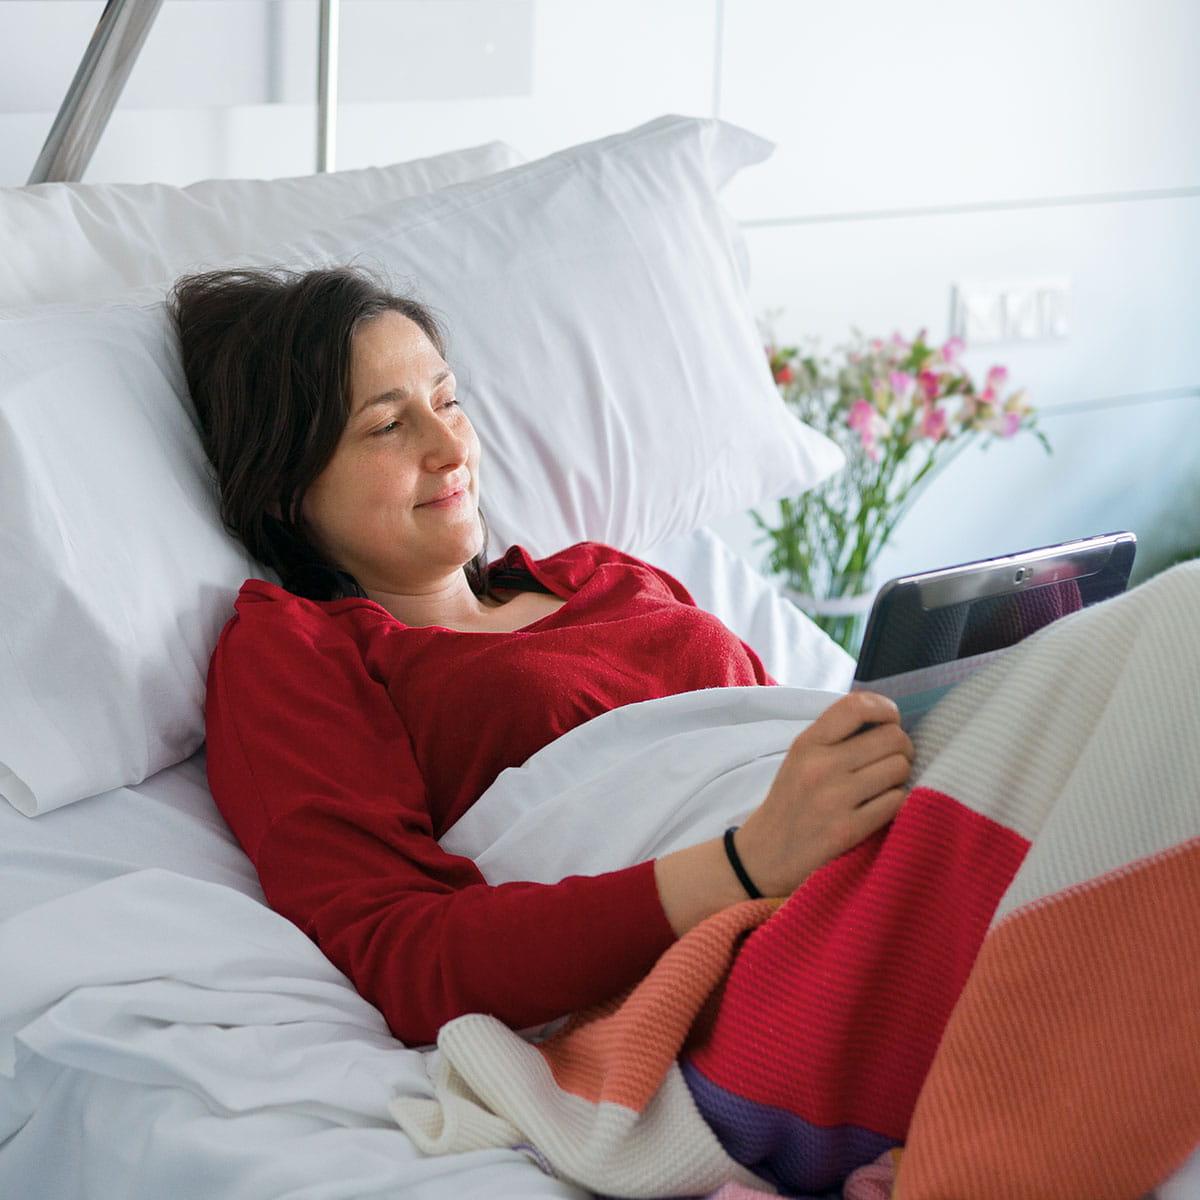 ergo versicherung volker spazierer in eisingen versicherung ergo. Black Bedroom Furniture Sets. Home Design Ideas